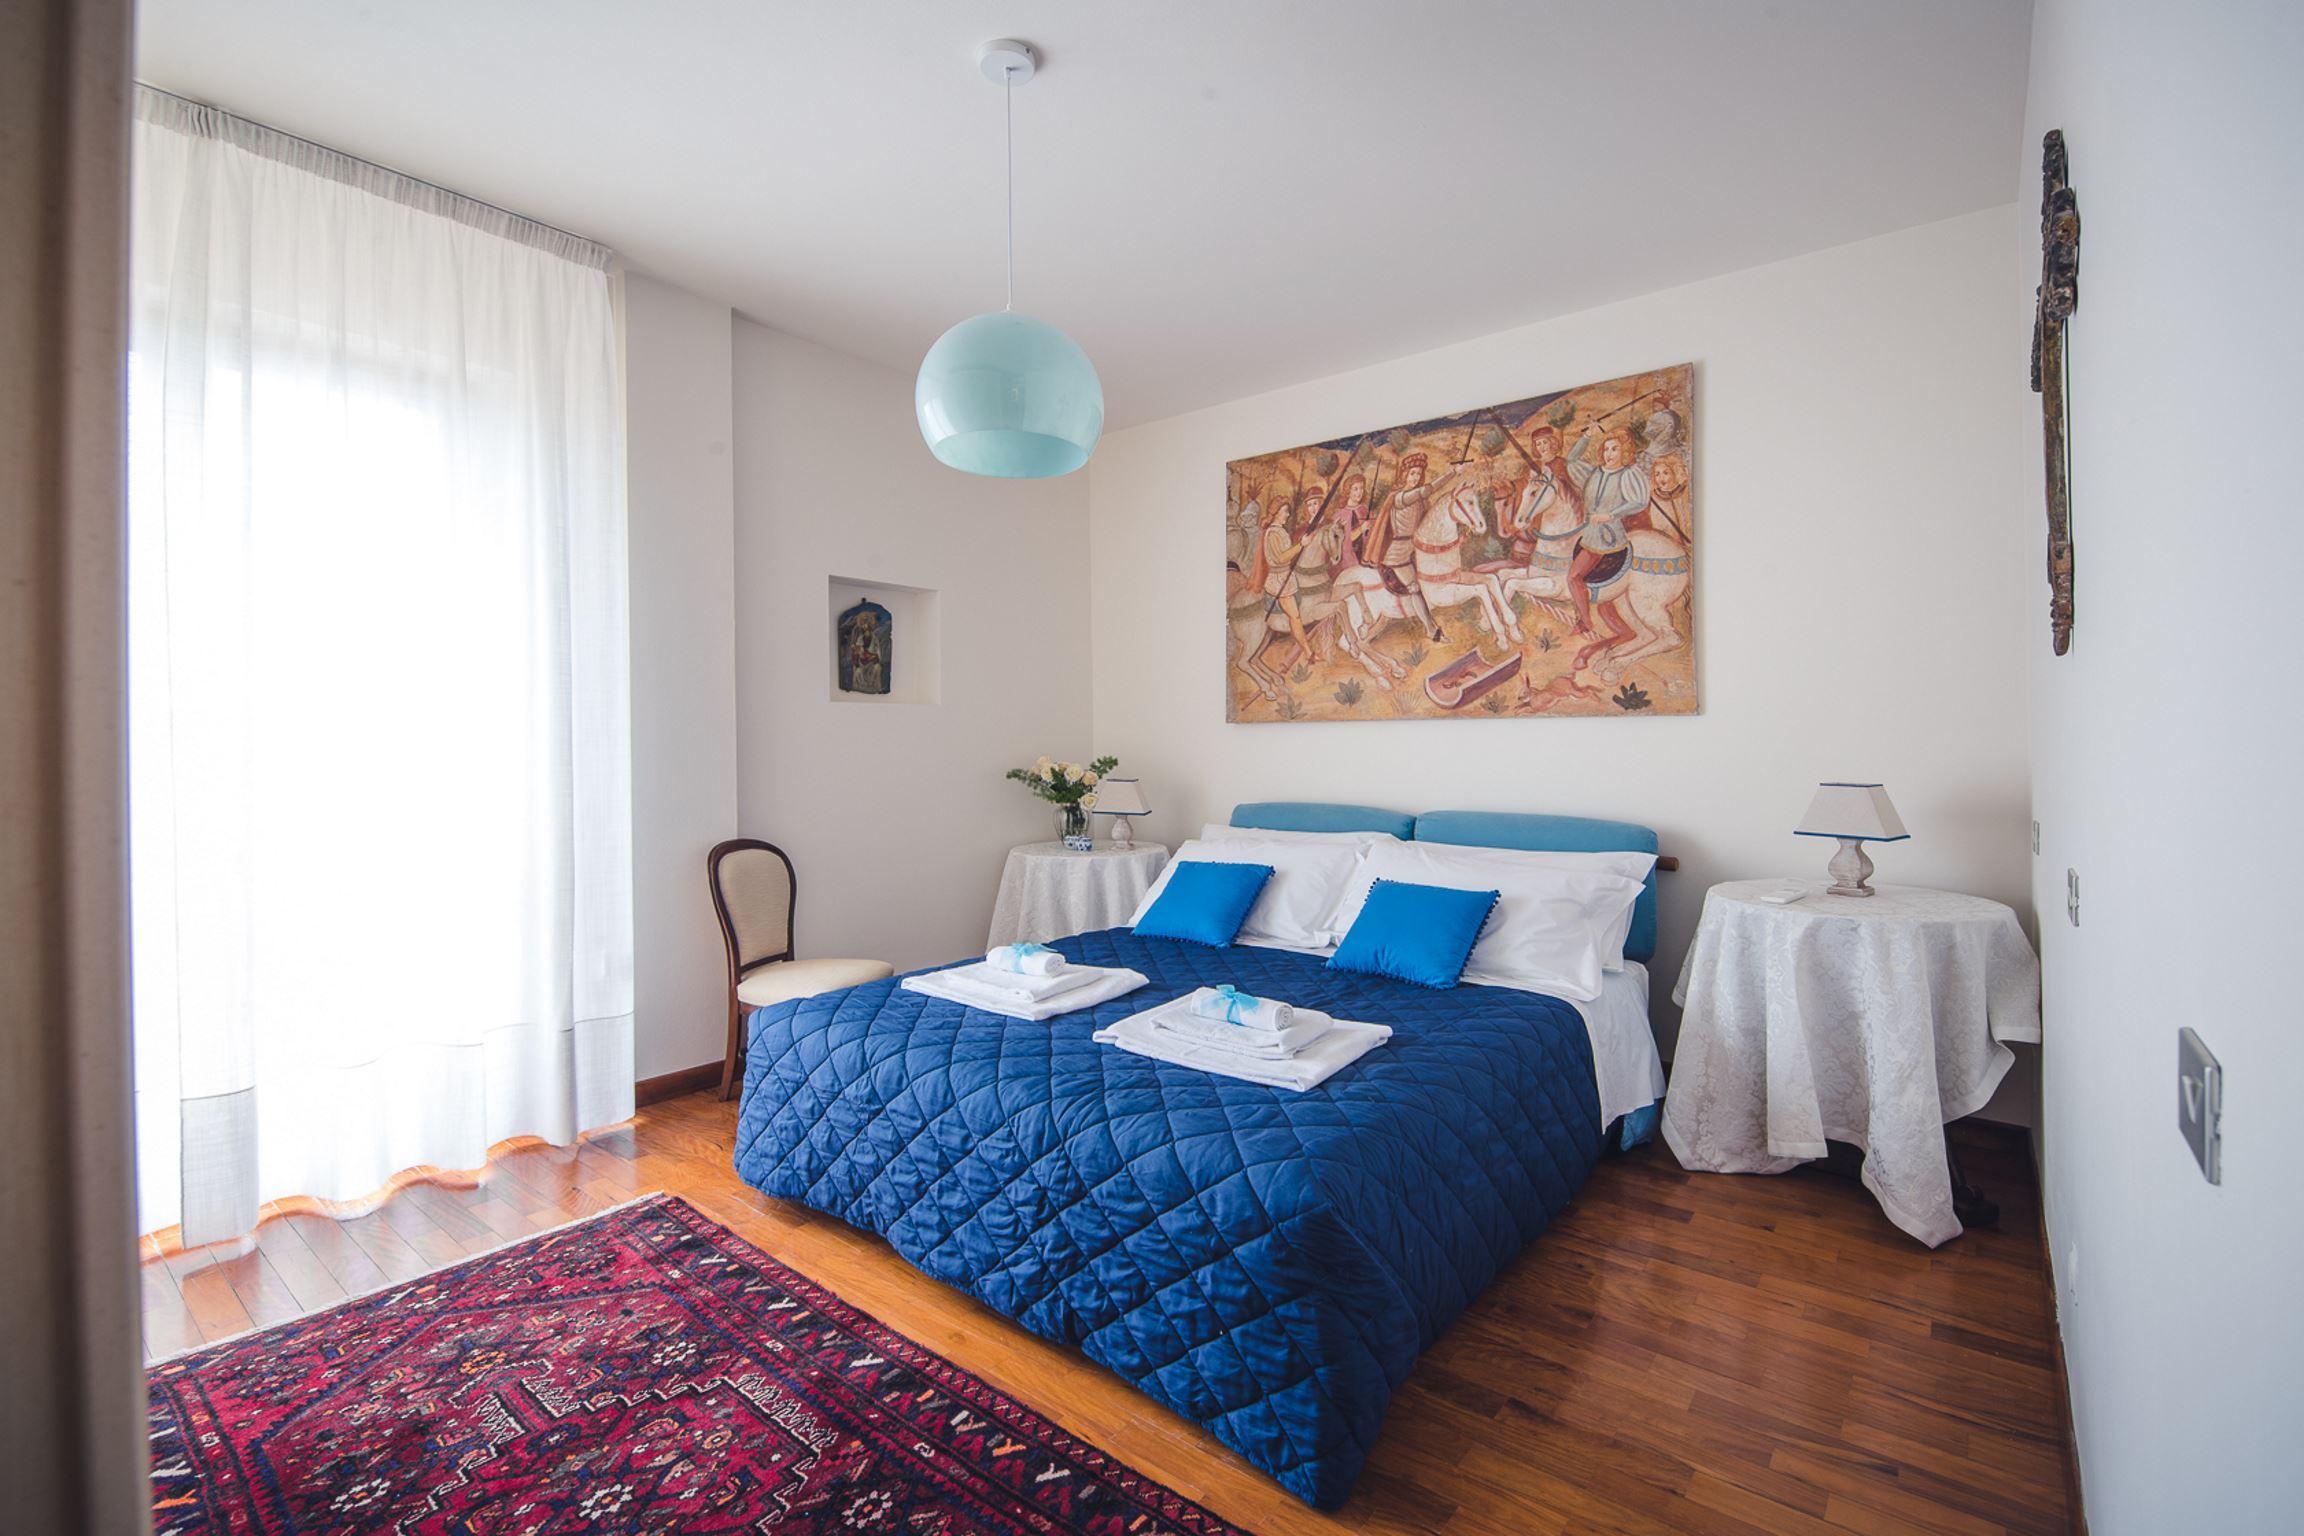 Ferienhaus VILLA MARINA (2195811), Pesaro, Pesaro und Urbino, Marken, Italien, Bild 11